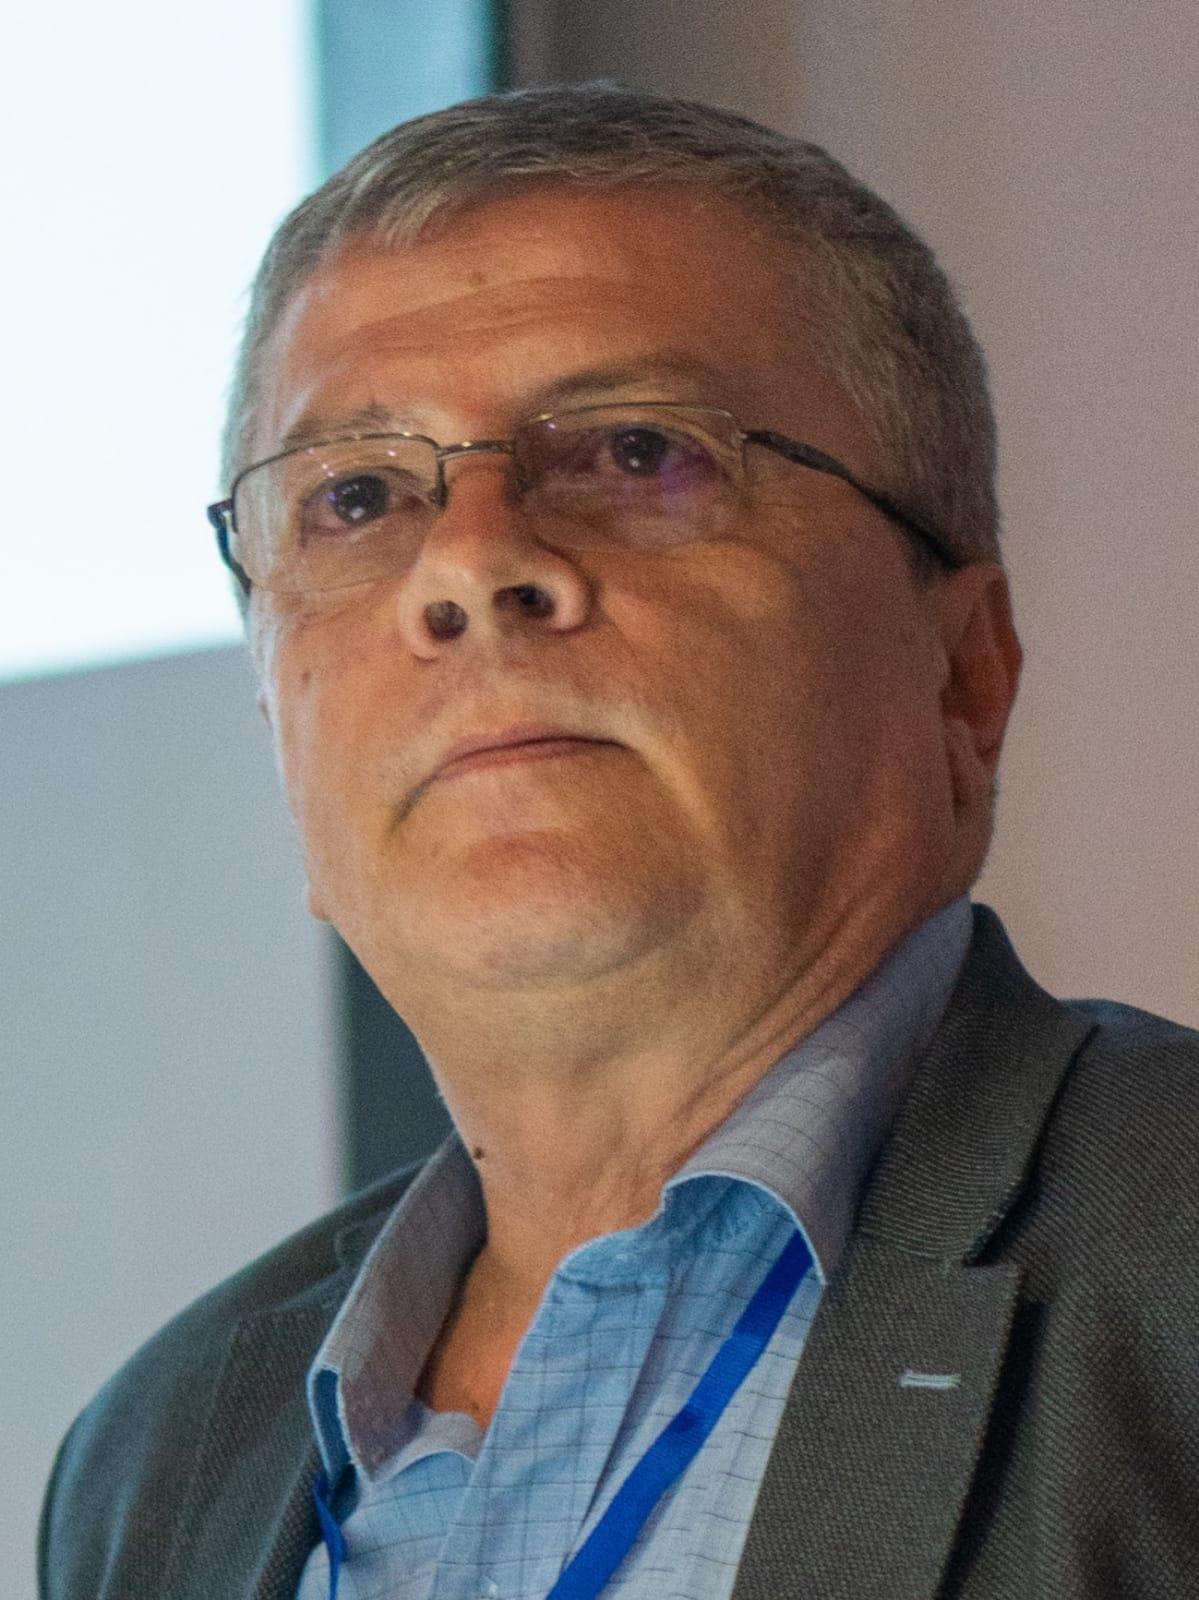 Dan Roșca, medic primar psihiatru